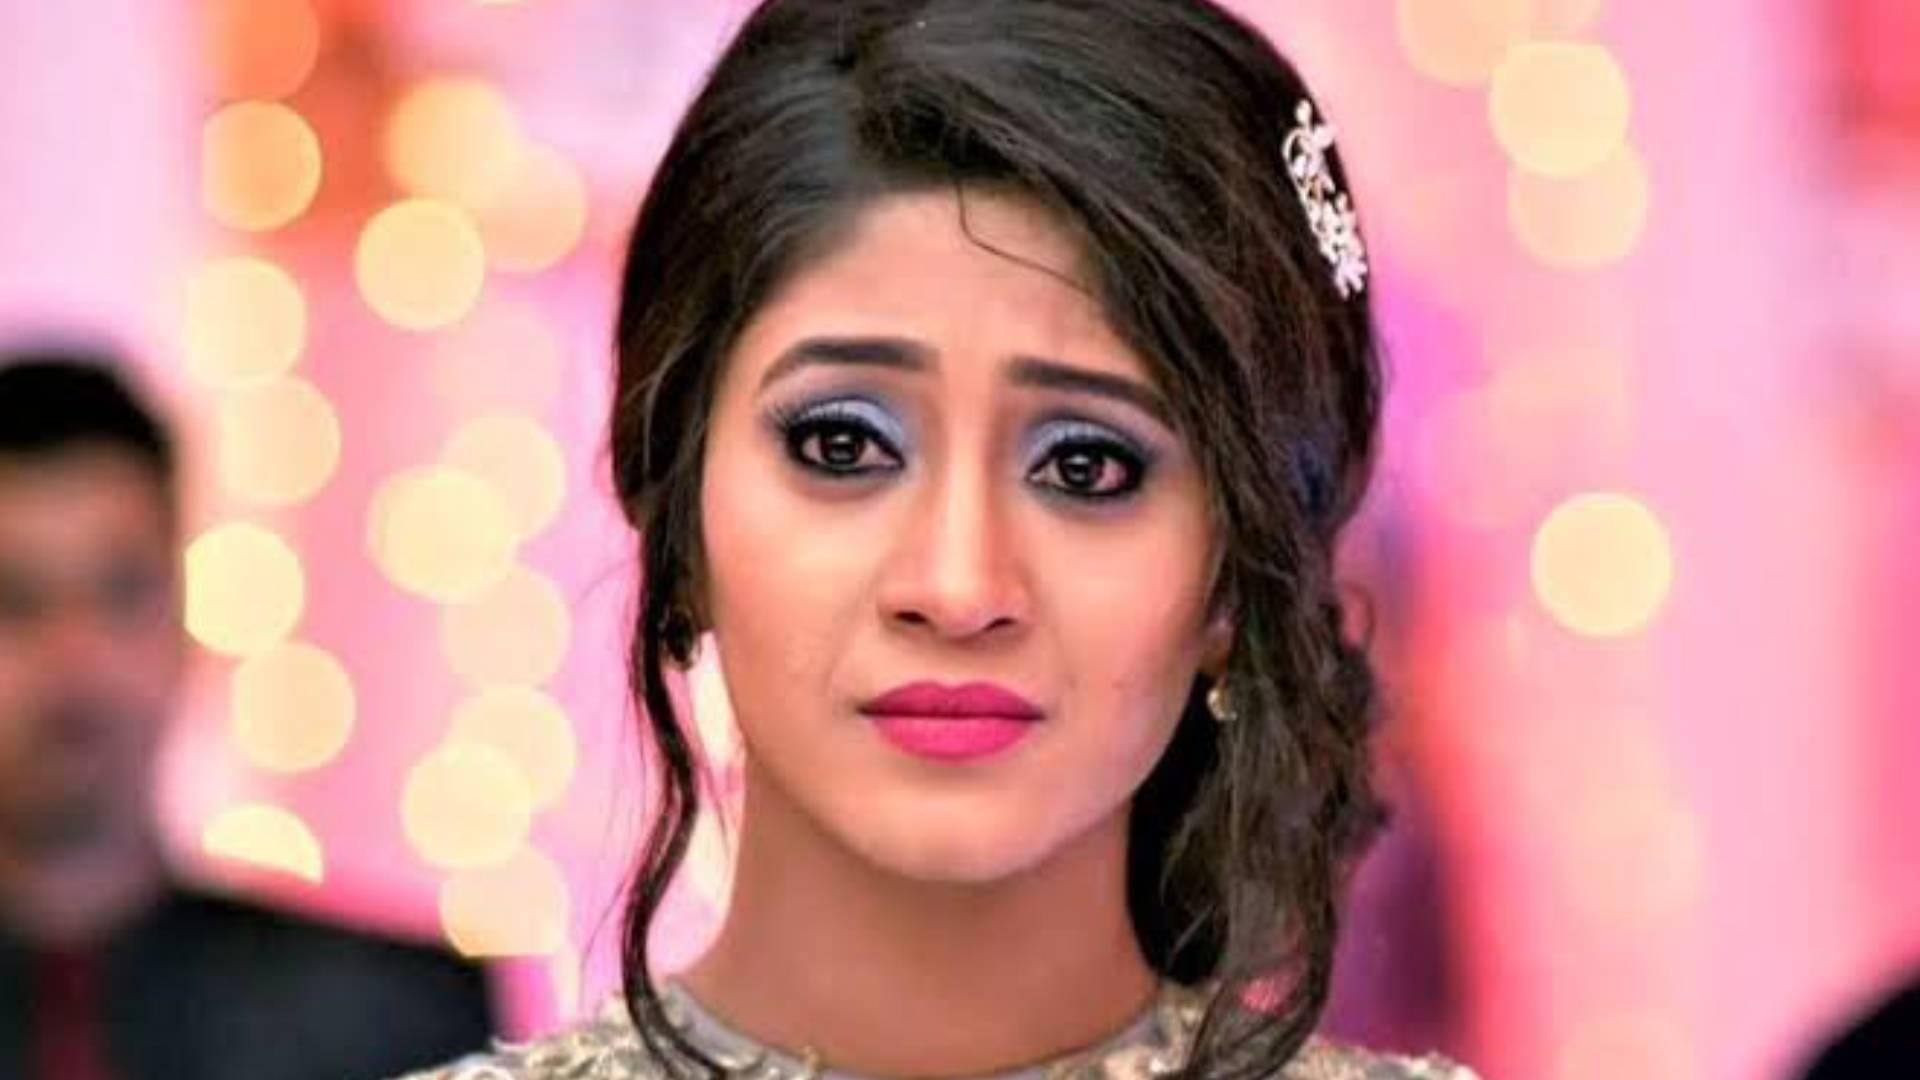 Yeh Rishta Kya Kehlata Hai Spoiler Alert: अखिलेश-लीजा को मिलवाने के लिए नायरा को झेलनी होगी सुरेखा की नाराजगी